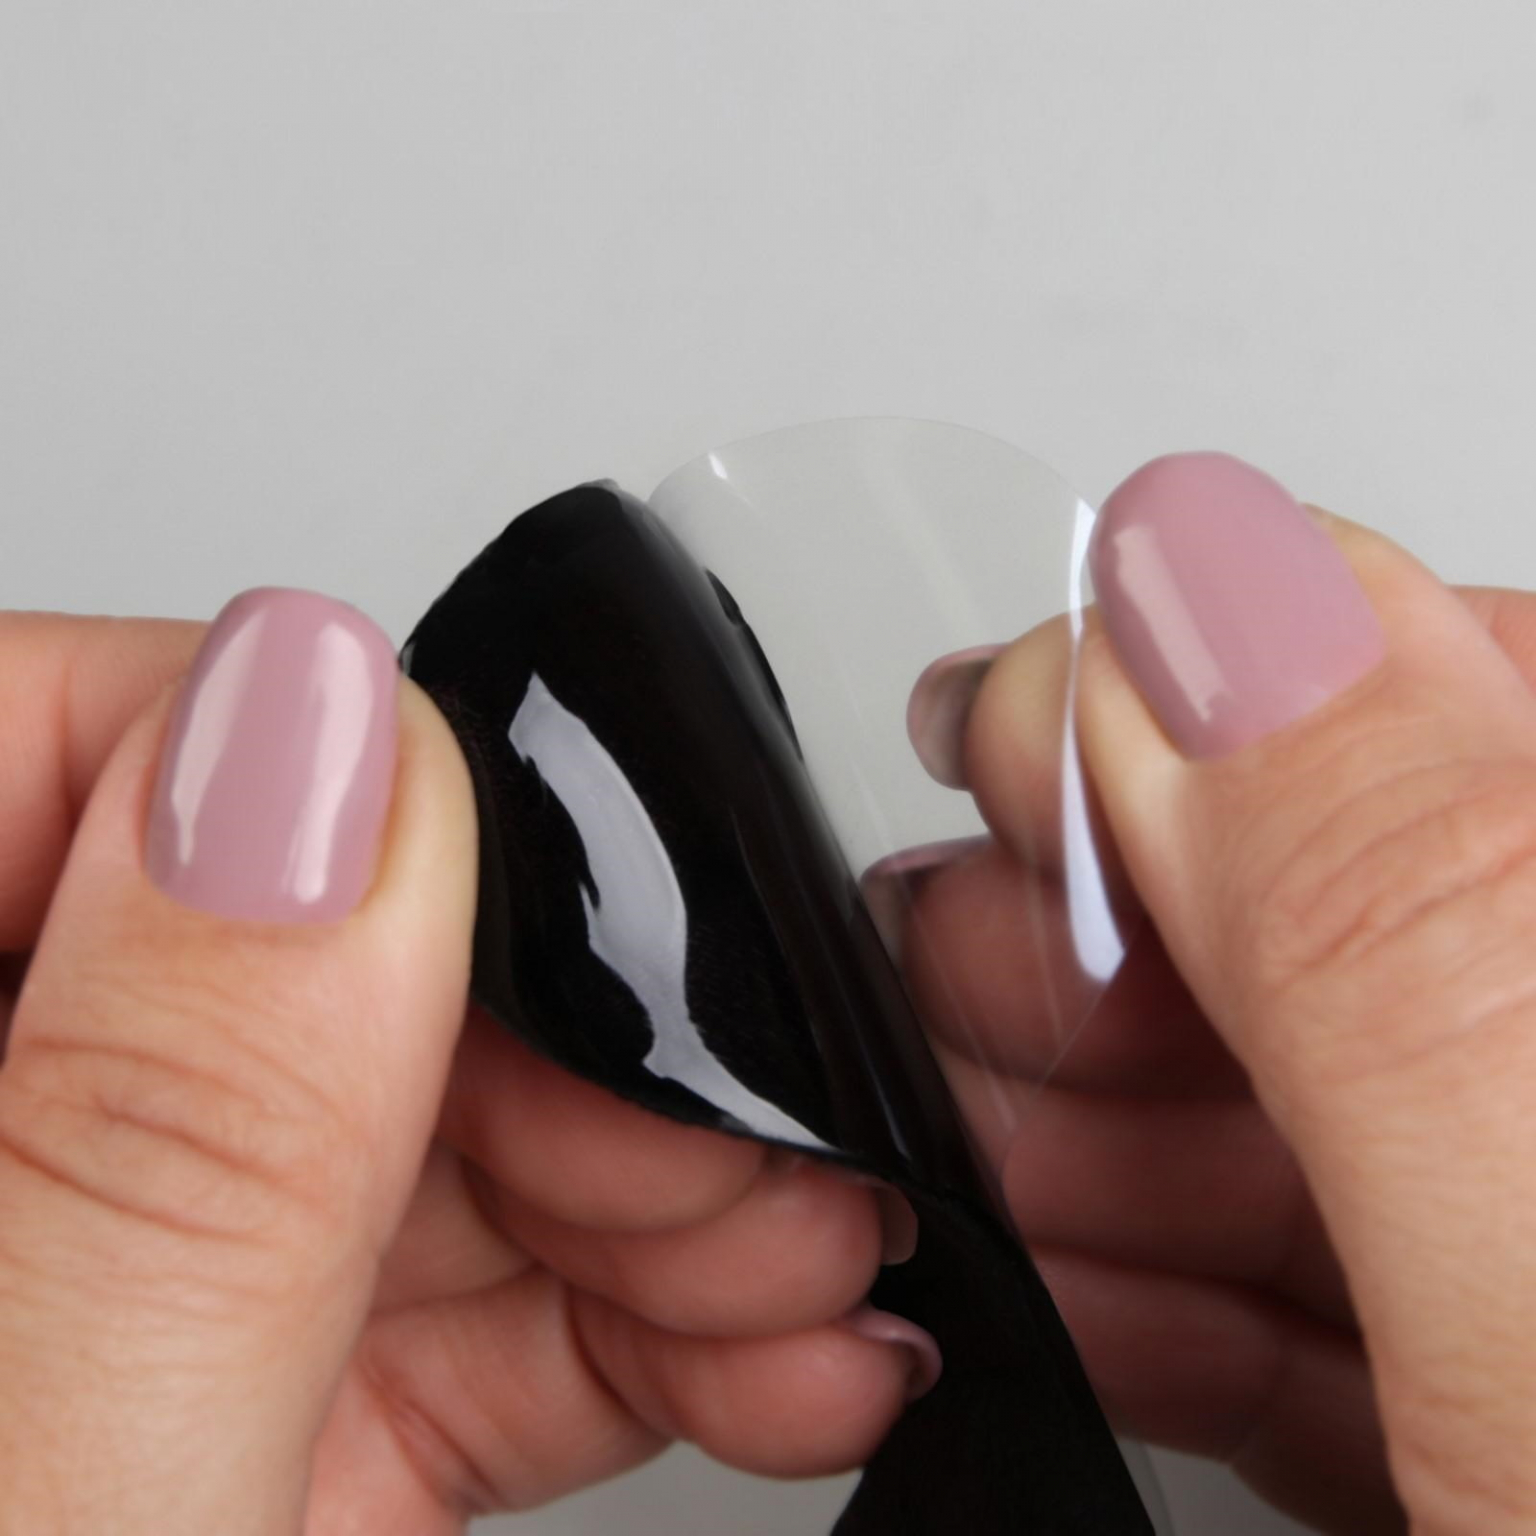 Подпяточники с пяткоудерживателем, с супинатором, на клеевой основе, силиконовые, пара, цвет чёрный